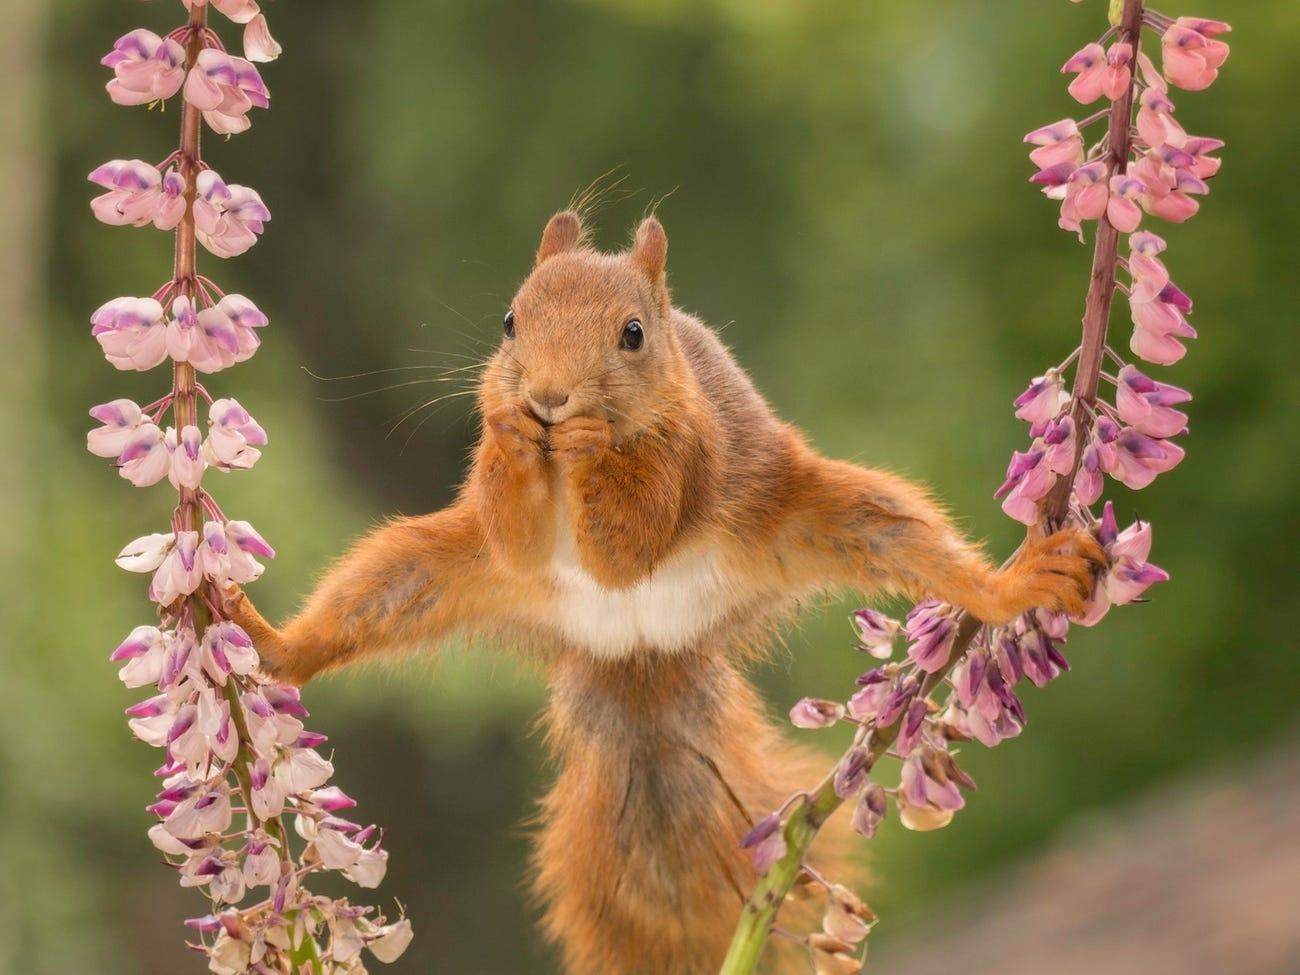 Фото © Courtesy of Comedy Wildlife Photo Awards